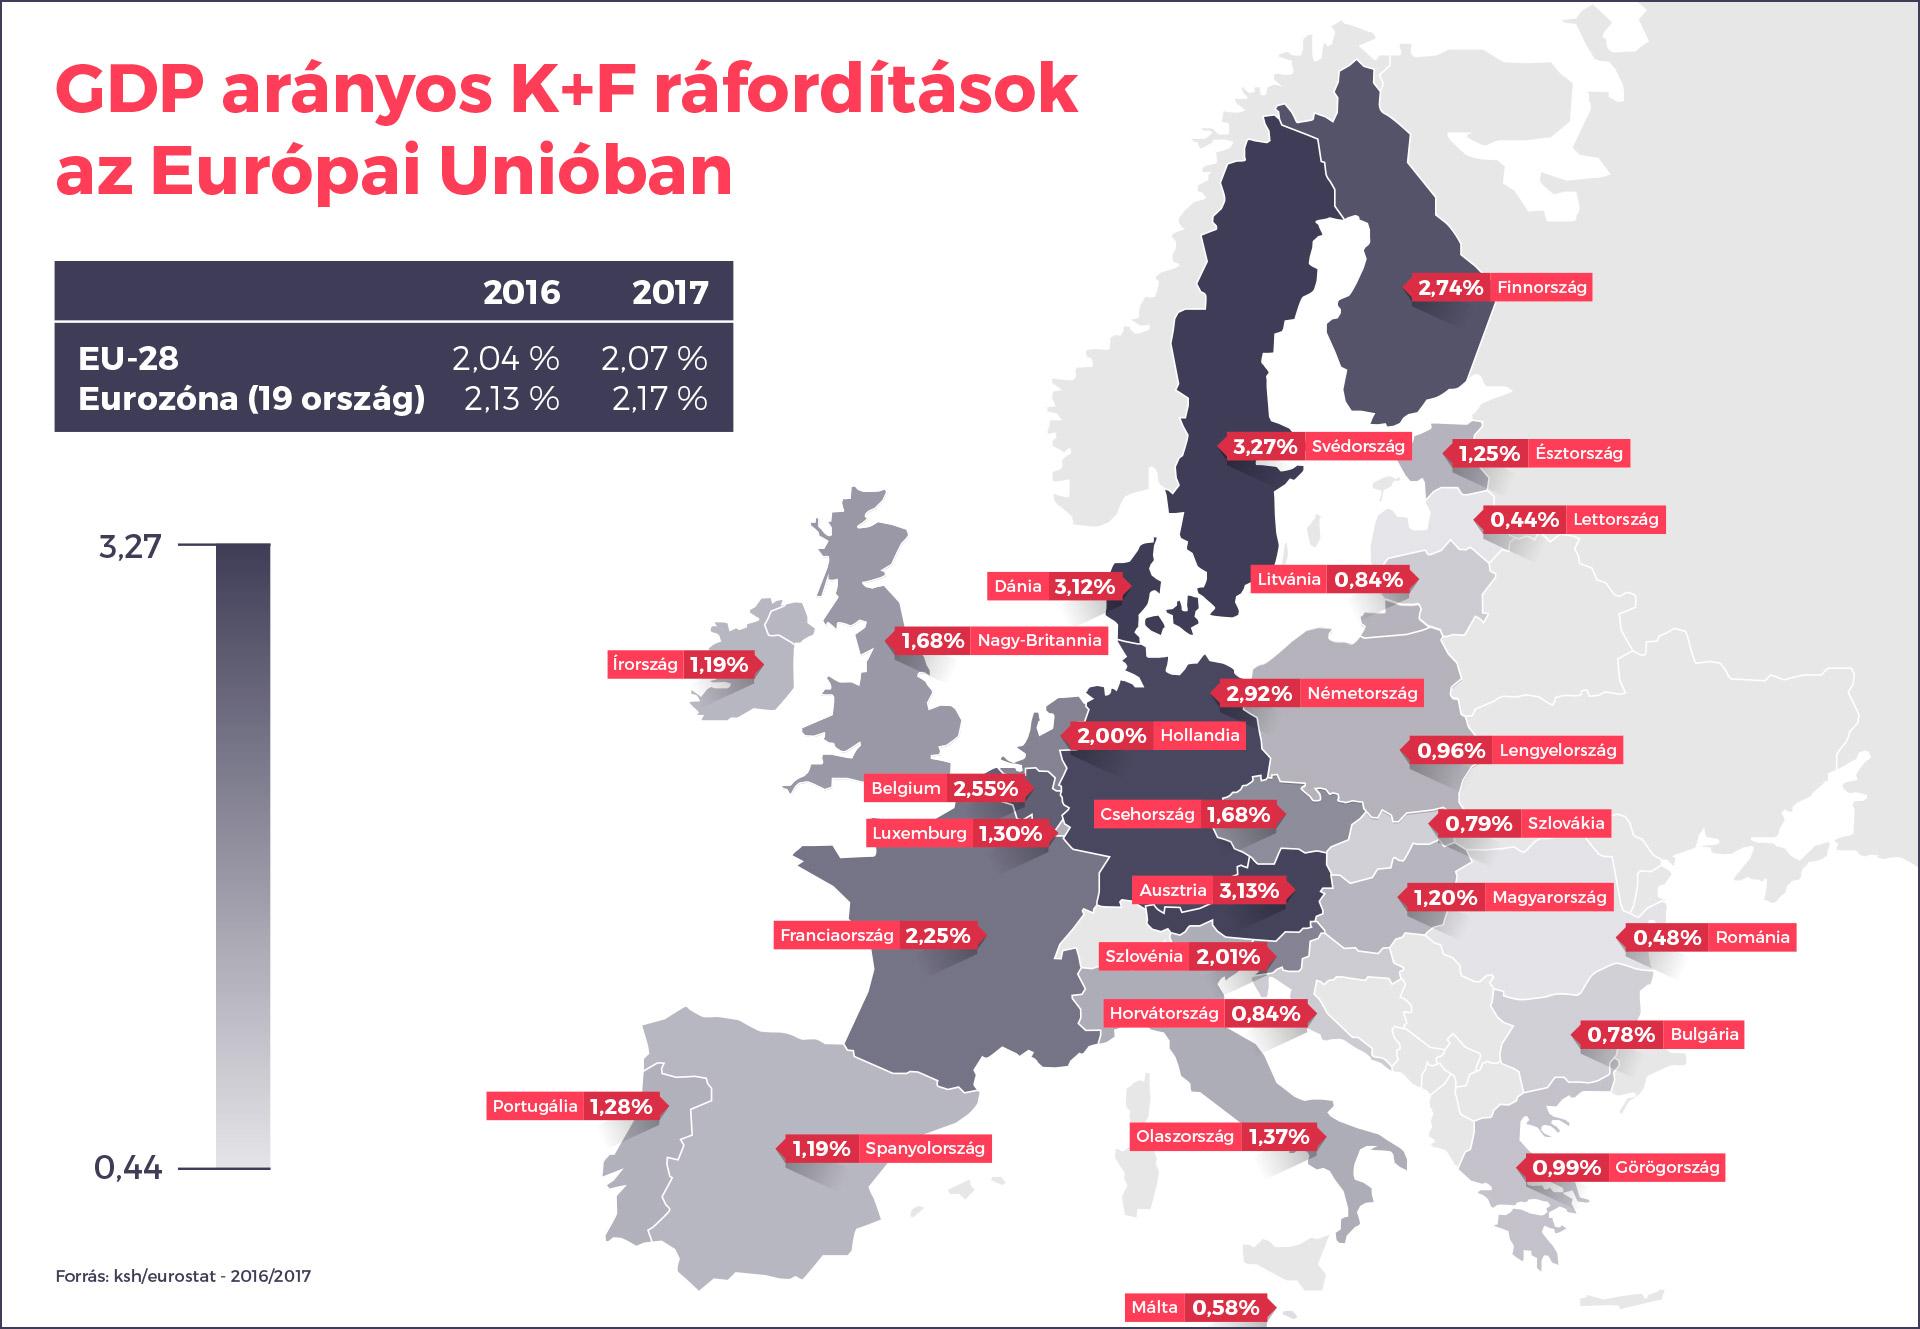 GDP arányos K+F ráfordítások